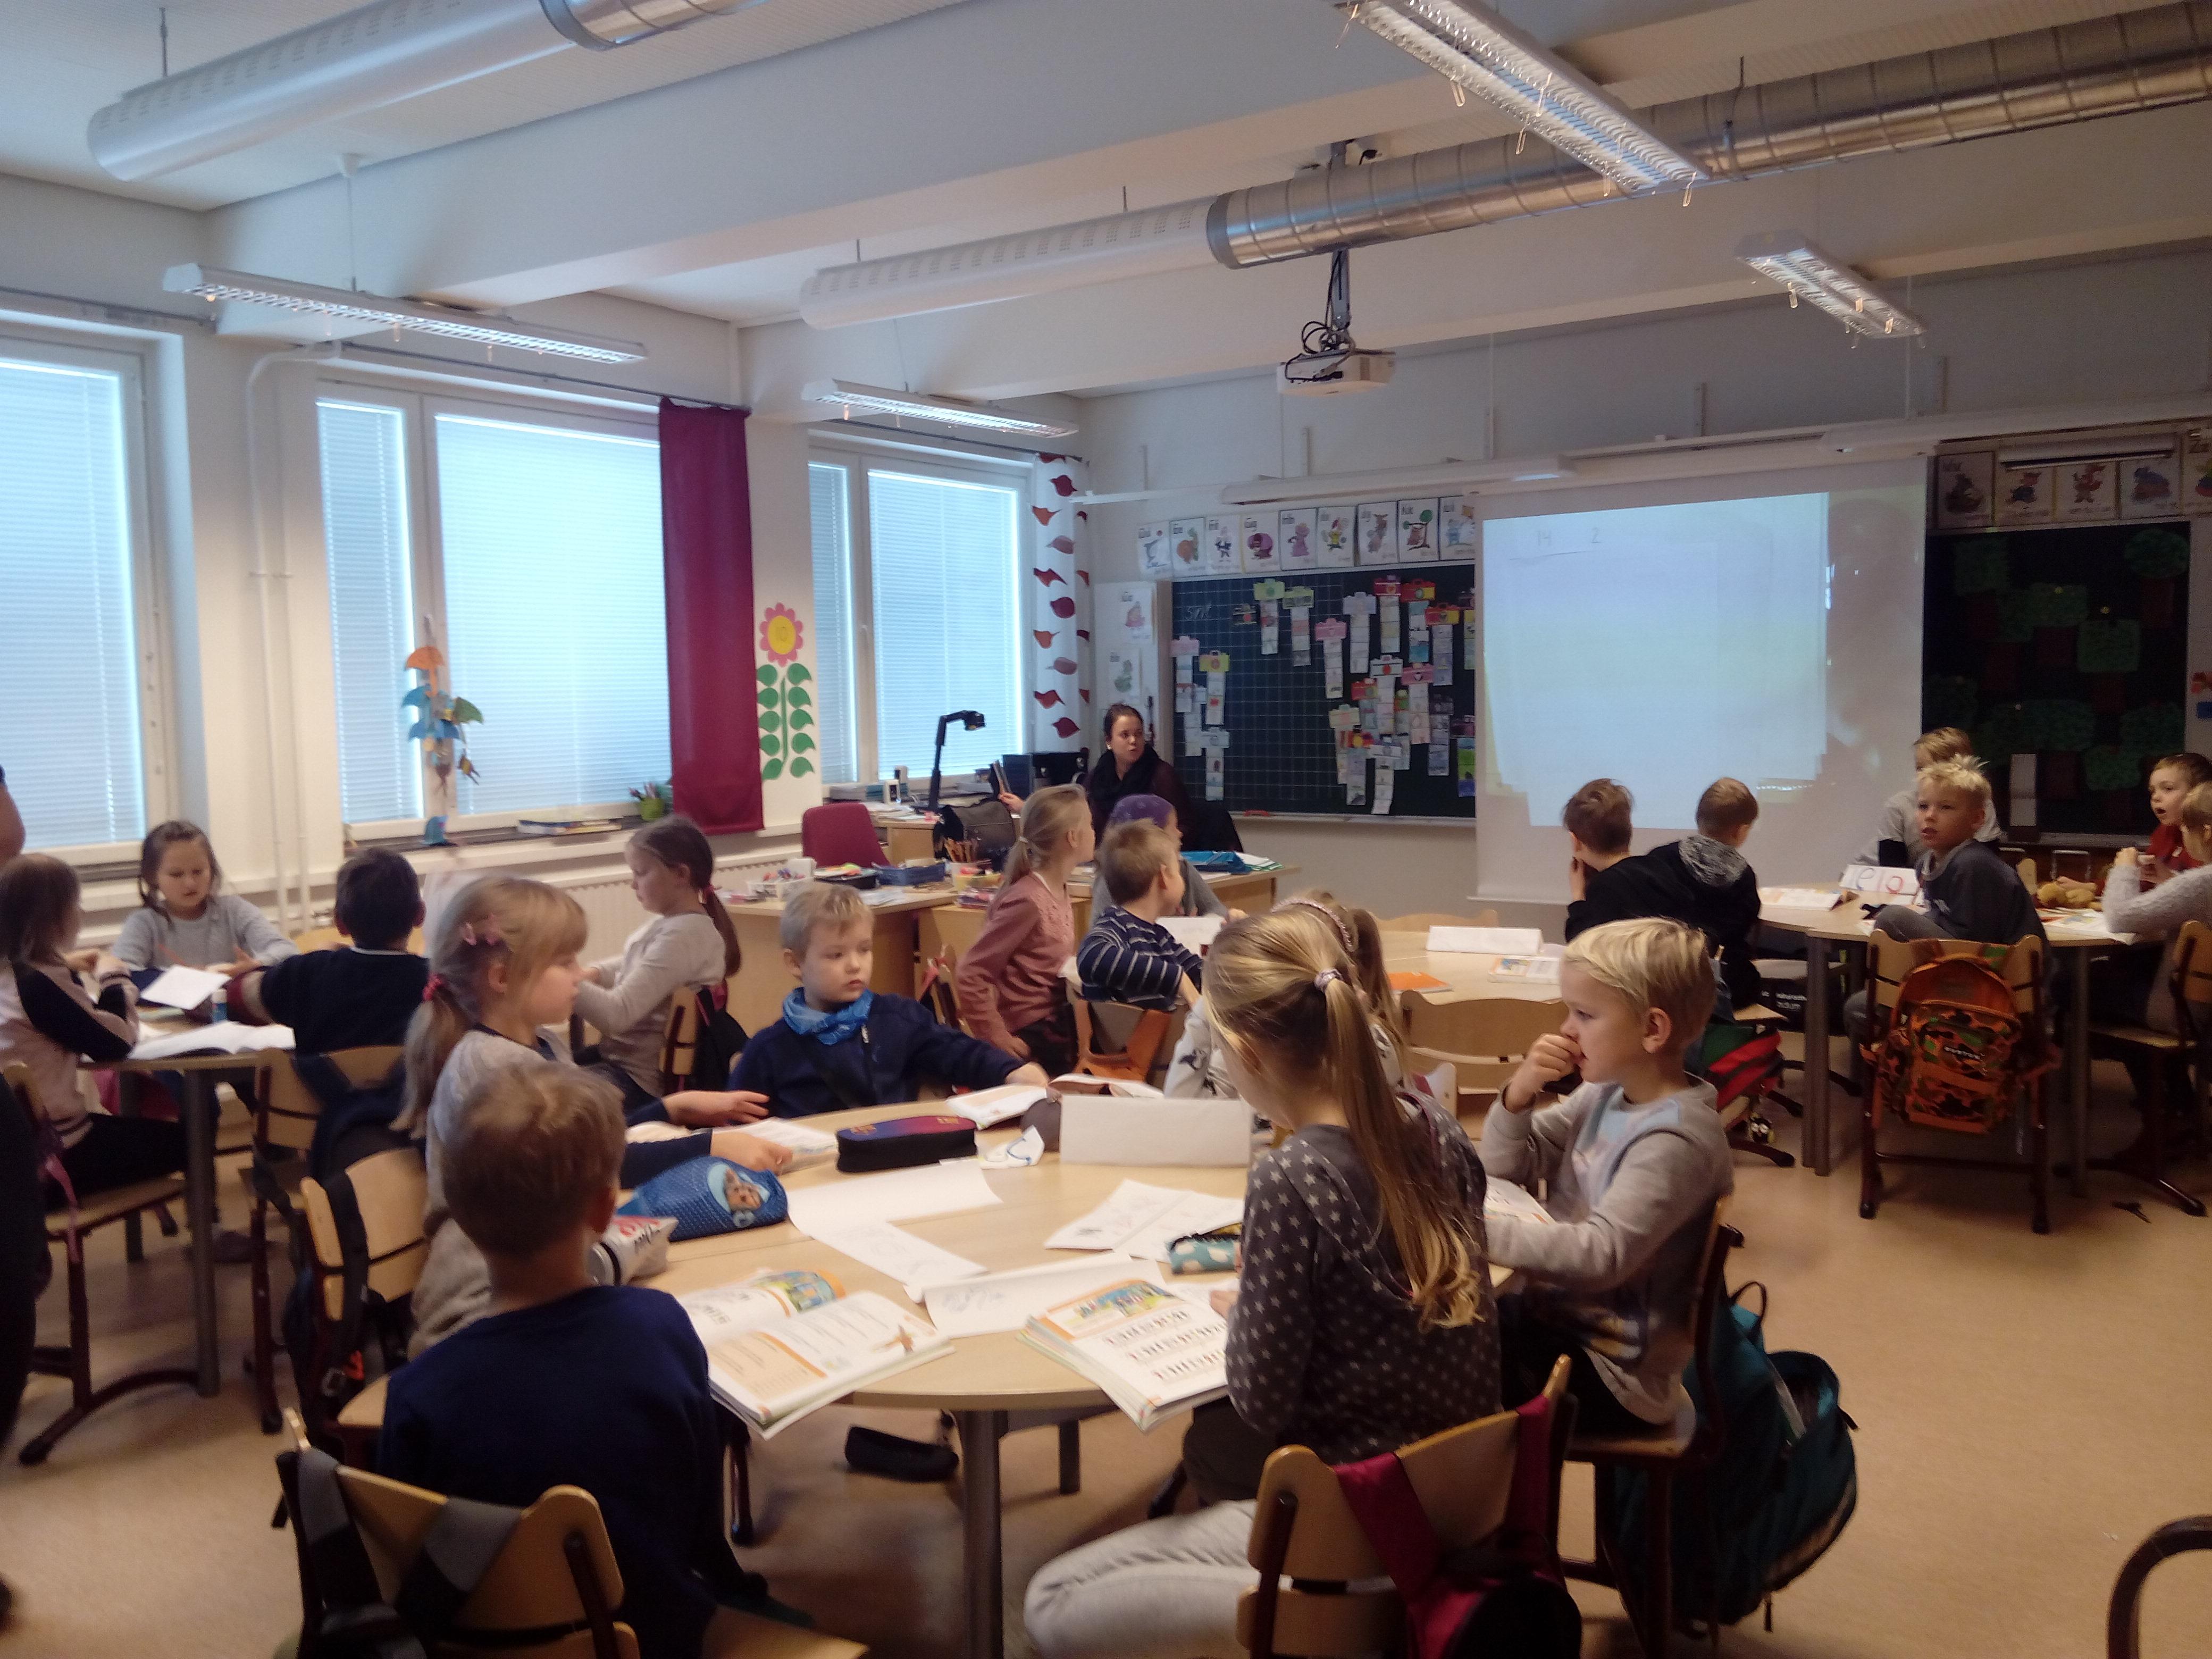 Fińska szkoła – wyobrażenia a rzeczywistość – cz. III – fiński nauczyciel